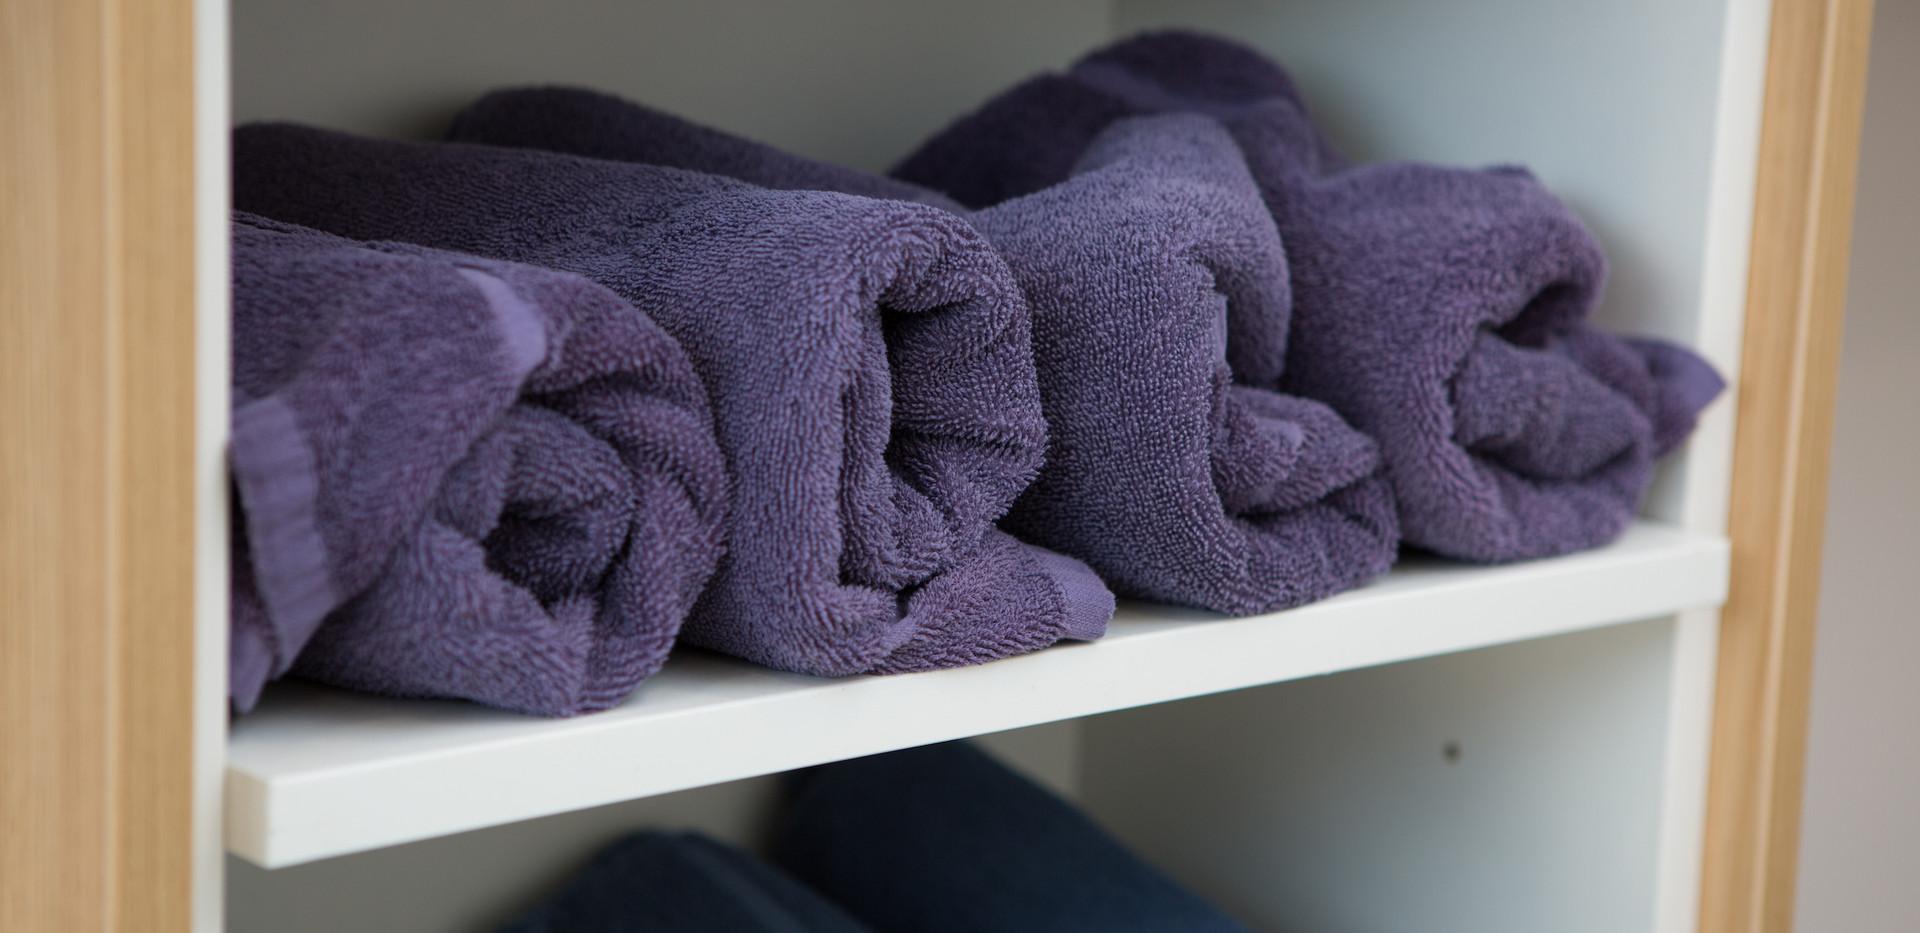 Towels in salon study.jpg